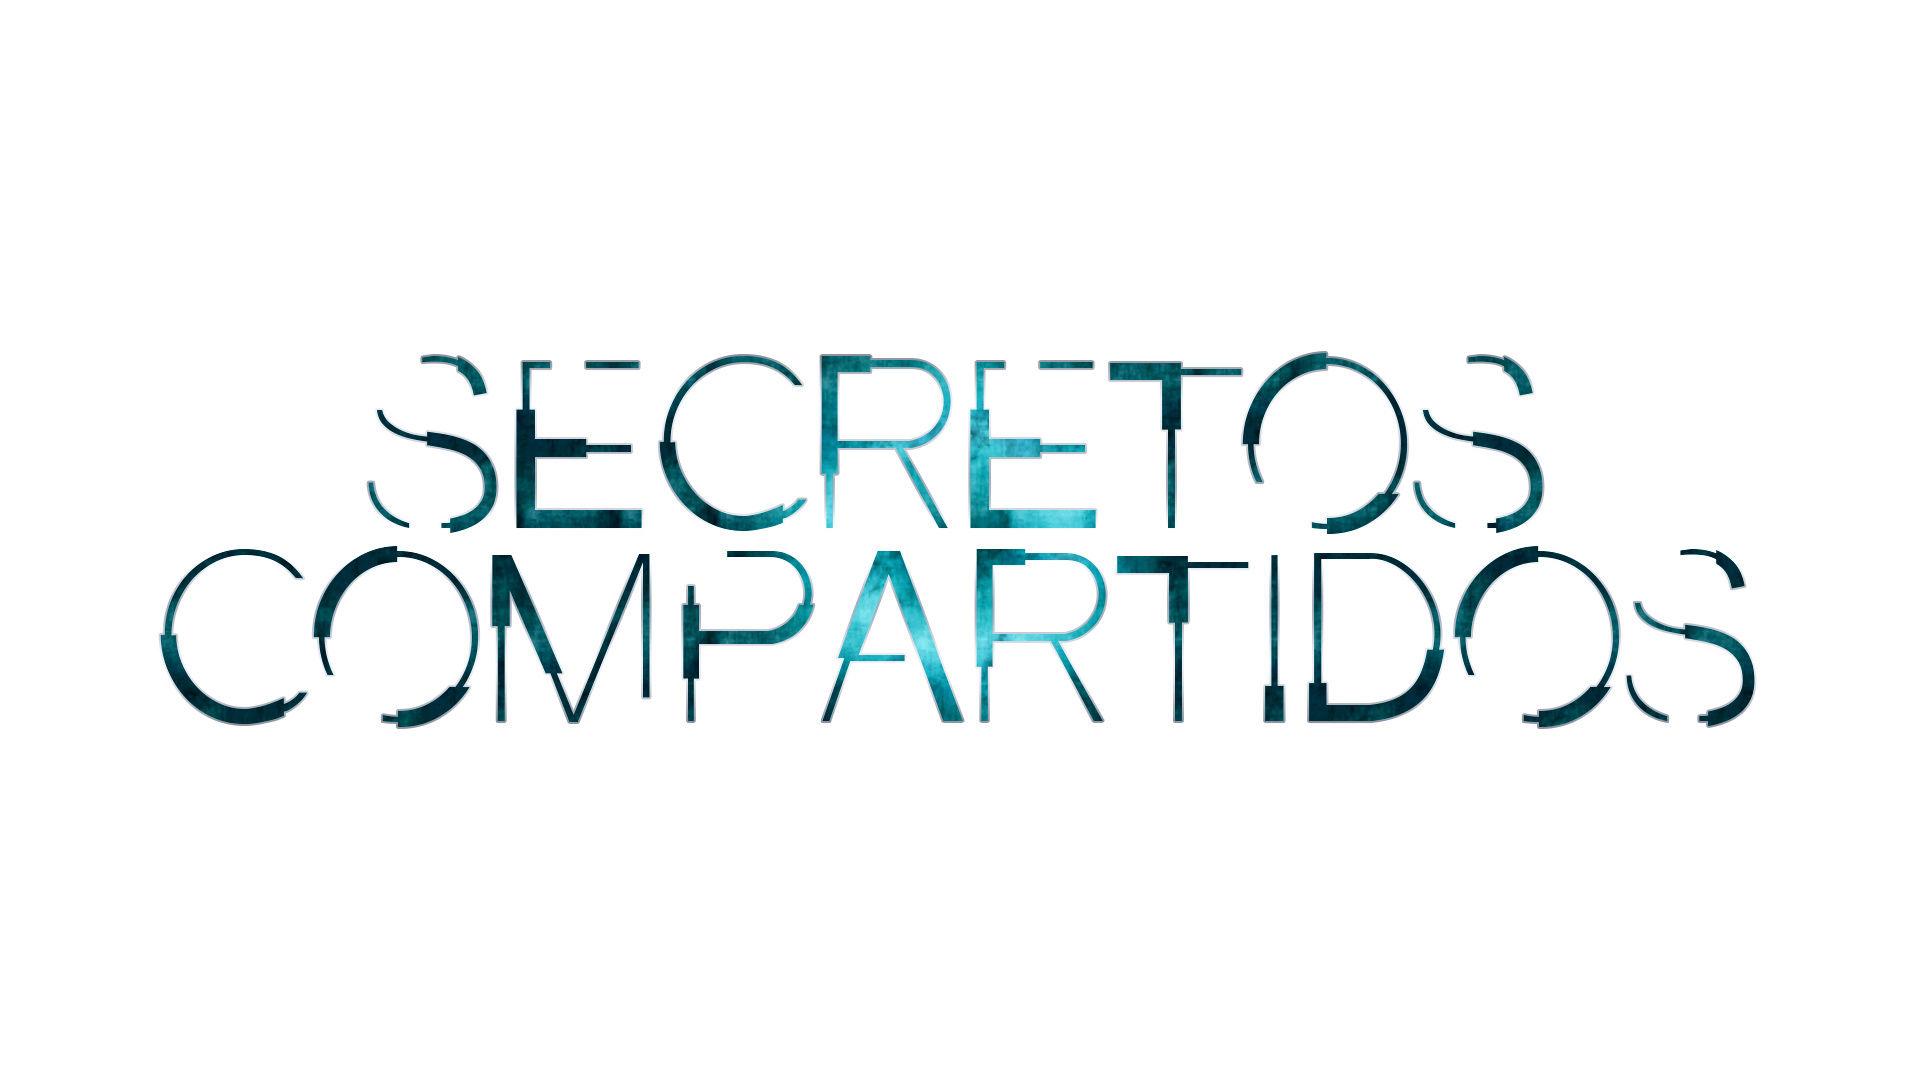 SECRETOS COMPARTIDOS |PRIMER AVANCE EN EL SITIO WEB| - Página 3 Logo_s10